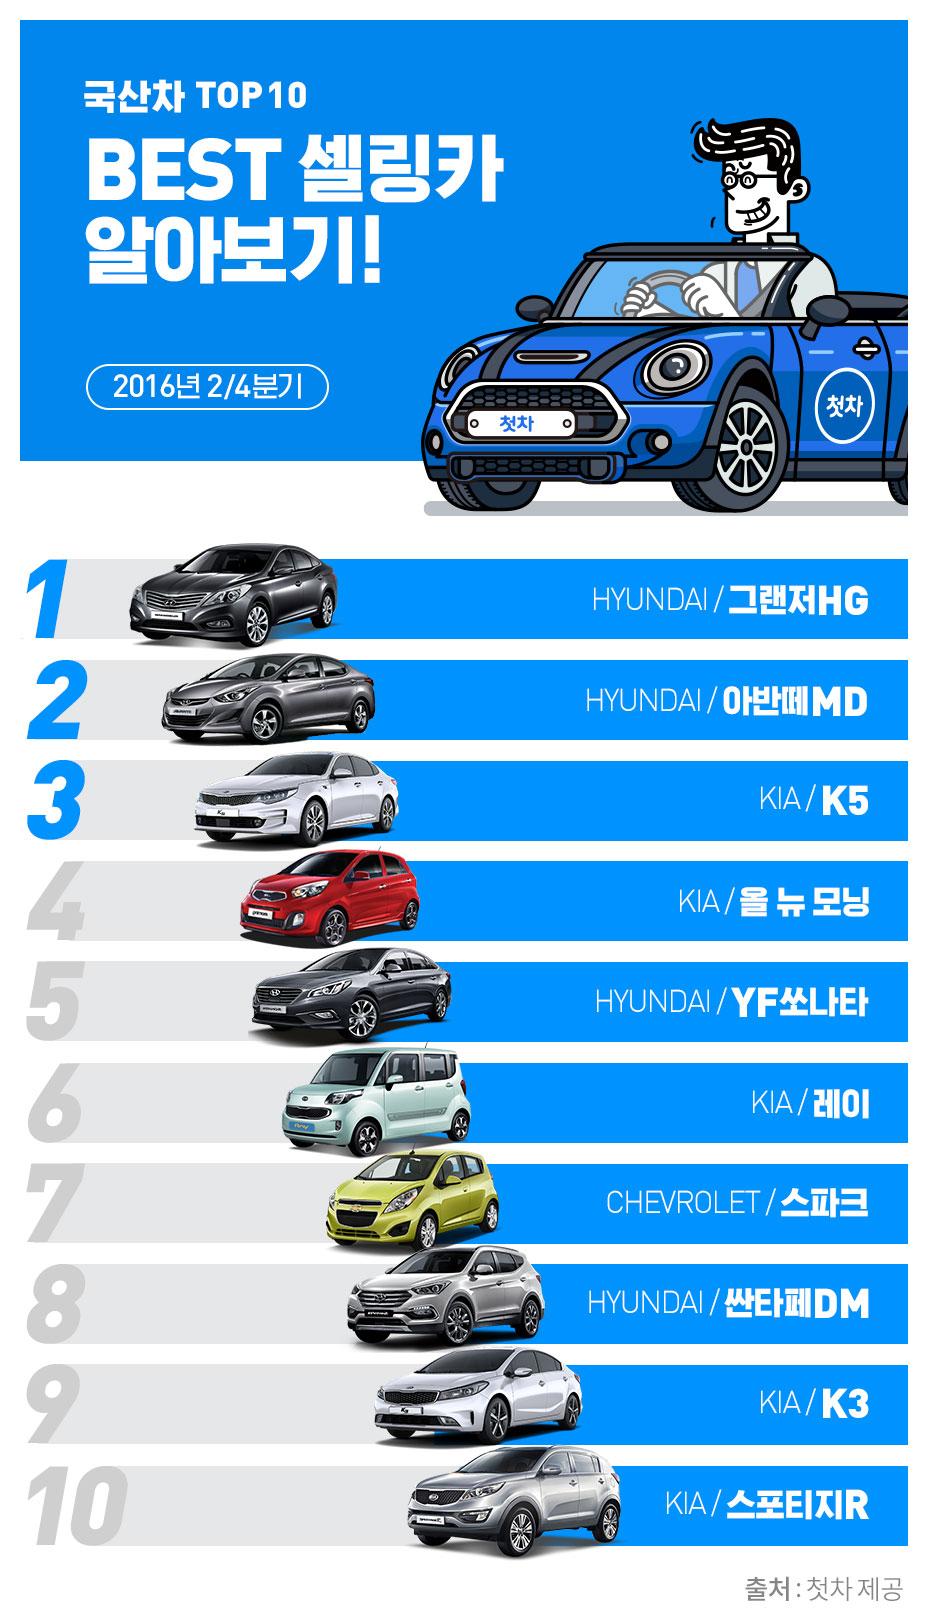 모바일 중고차 앱 '첫차'가 1일 2016년 2분기 중고차 판매 순위 데이터를 발표했다. '첫차'는 4월 1일부터 6월 30일까지 첫차 앱을 통해 판매된 중고차 판매 데이터를 분석한 결과, 현대자동차의 그랜저HG가 최다 판매된 것으로 나타났으며, 2위는 아반떼MD, 3위는 기아자동차의 K5가 차지했다고 밝혔다. 그랜저HG는 1분기에 이어 판매 순위에서 연속 1위를 하며 상반기 베스트 셀링카로 선정되었는데, 이중 가장 많이 판매된 연식은 2013년식 모델이었다. 또한 휴가철을 앞두고 스포츠유틸리티차량(SUV)인 싼타페와 스포티지가 각각 8위와 10위에 이름을 올리며 순위에 진입했다. 수입 중고차의 경우 6세대 BMW 5시리즈가 최다 판매량을 기록했는데, 근소한 차이로 4세대 메르세데스-벤츠 E클래스와 4세대 아우디 A4가 나란히 뒤를 이었다. 한편 10위권 내에서 독일 3사의 자동차가 각축전을 벌이는 가운데, 2세대 미니 쿠퍼가 유일하게 9위에 이름을 올렸다. 이번 판매 순위를 발표한 첫차는 올 하반기 현대 그랜저의 풀체인지 소식이 전해진 가운데, 향후 구형 그랜저에 대한 소비자의 구매도가 지속될 것이라 전망한다며, 그 외에도 20~30대 젊은 소비자의 다양한 취향에 맞추어 국내외 각종 브랜드의 안심 매물을 확보하는 데 주력하고 있다고 밝혔다.